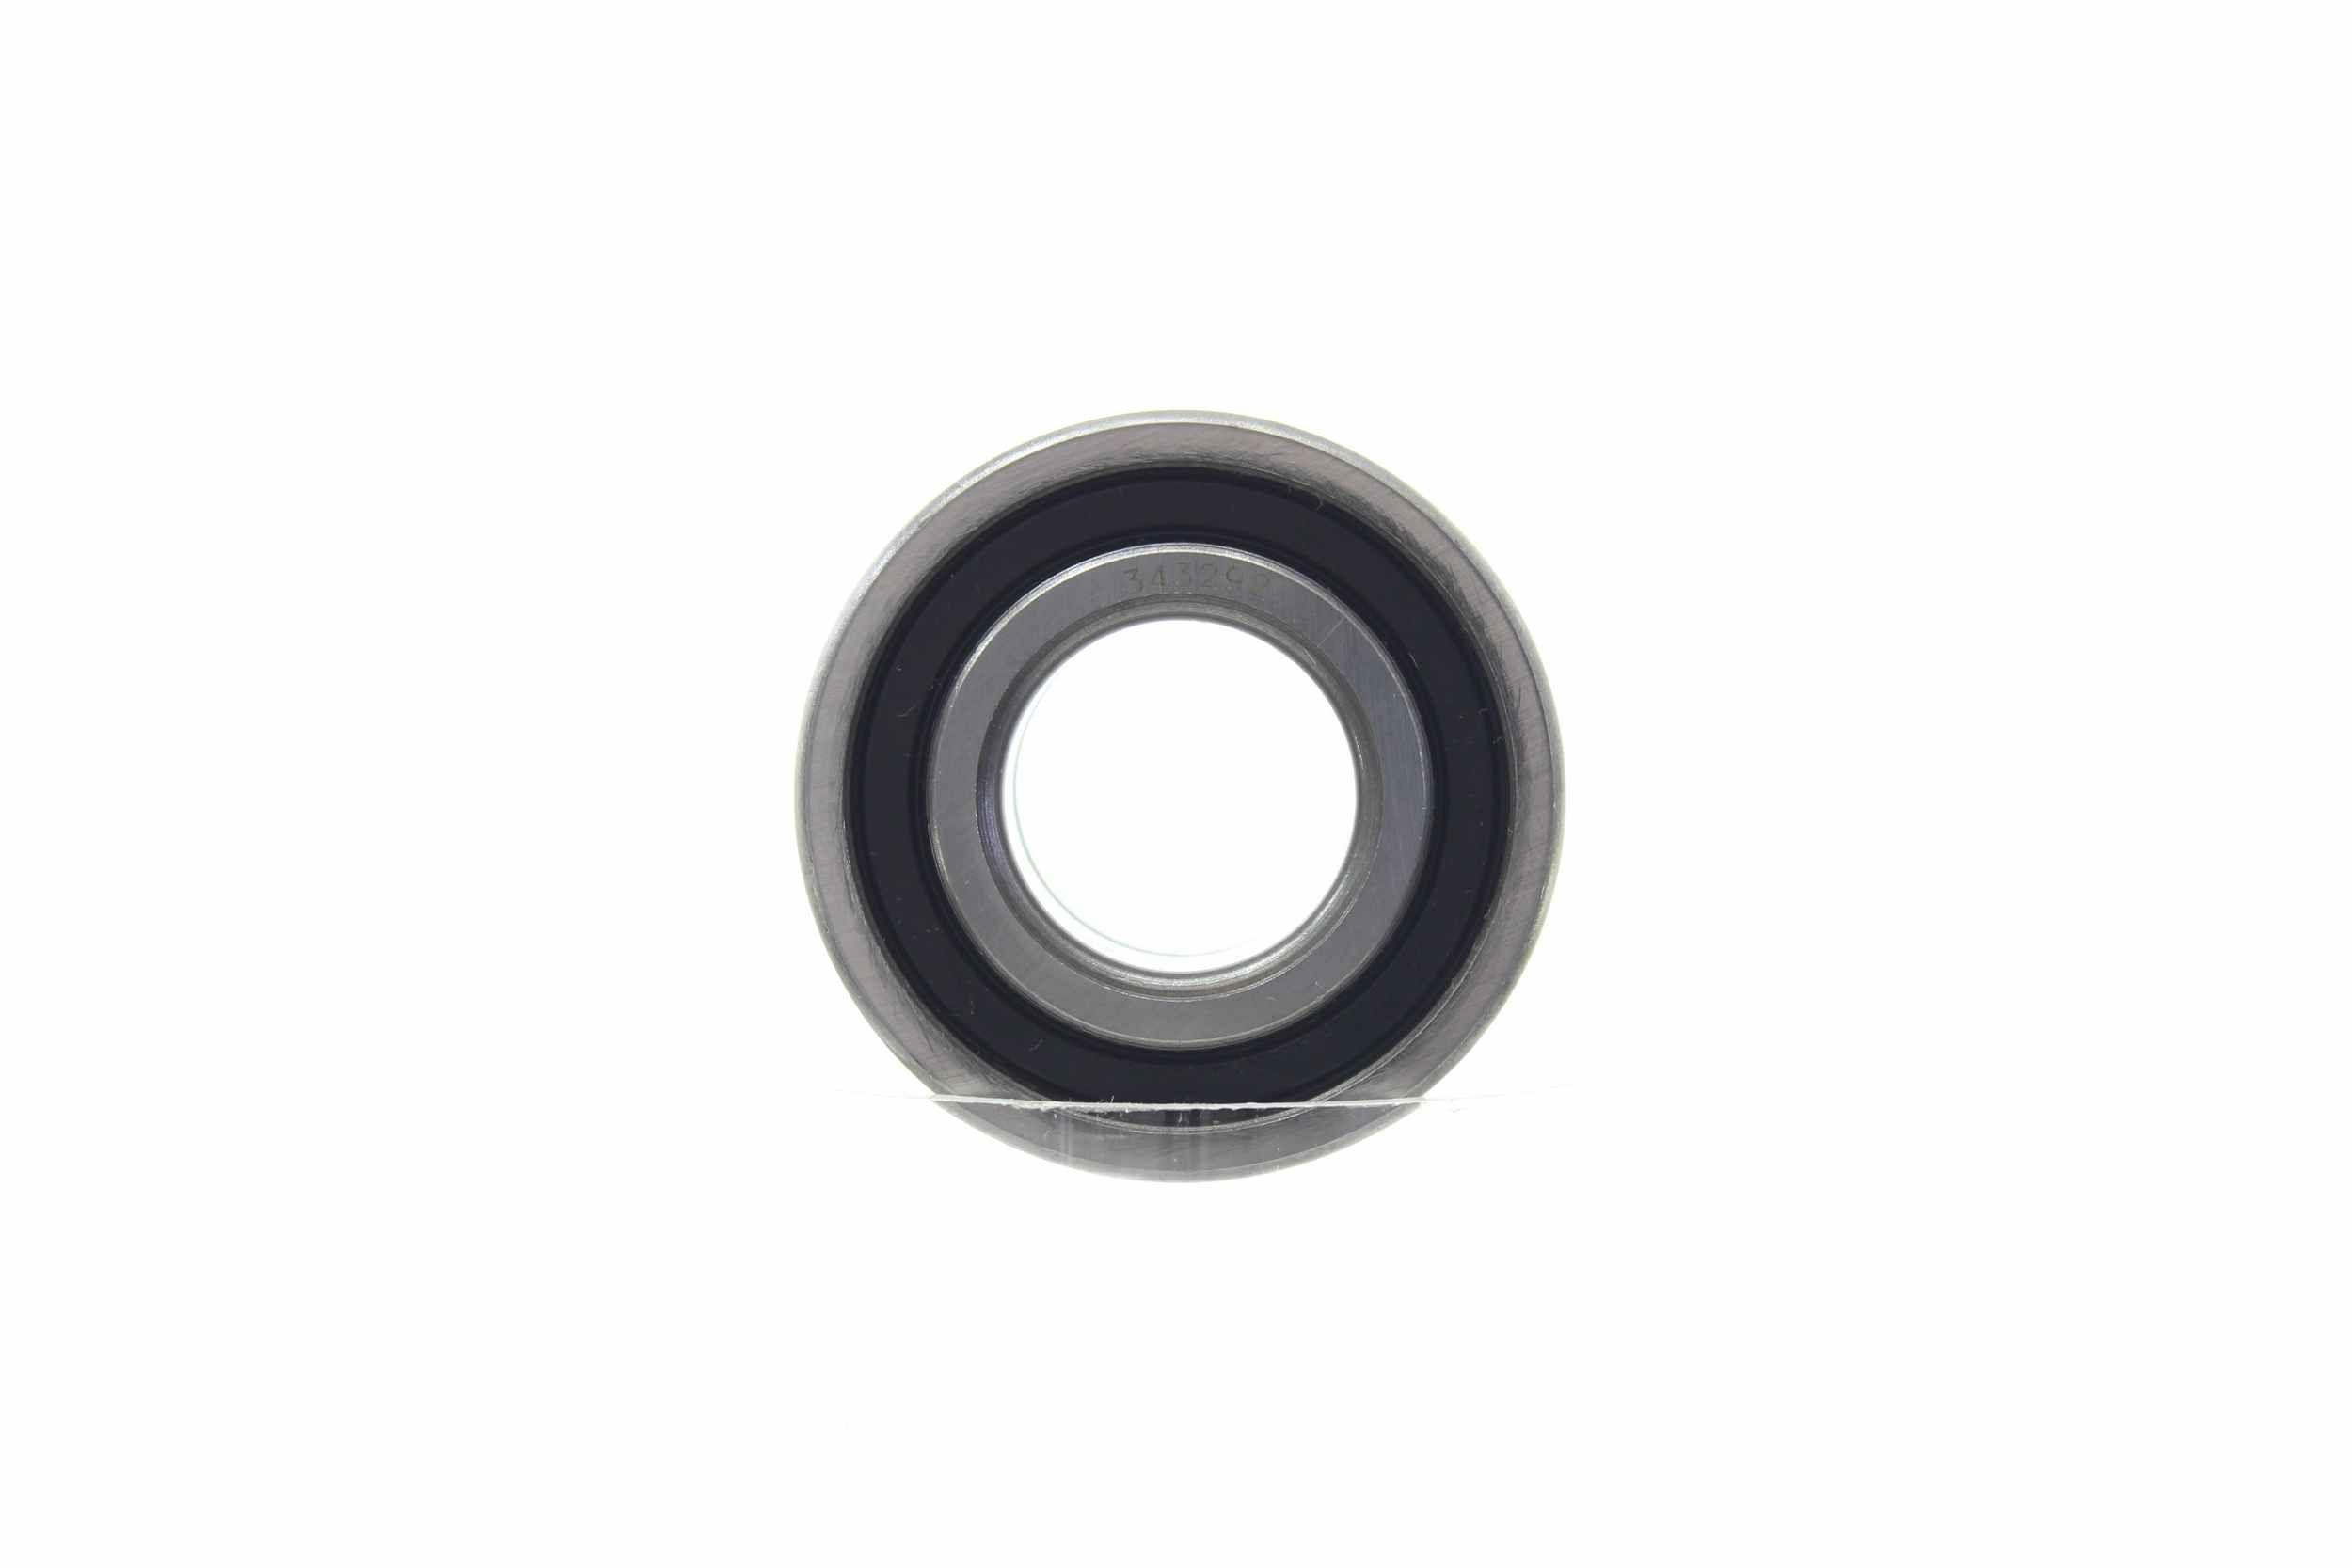 Cojinetes de rueda ALANKO 10343292 conocimiento experto